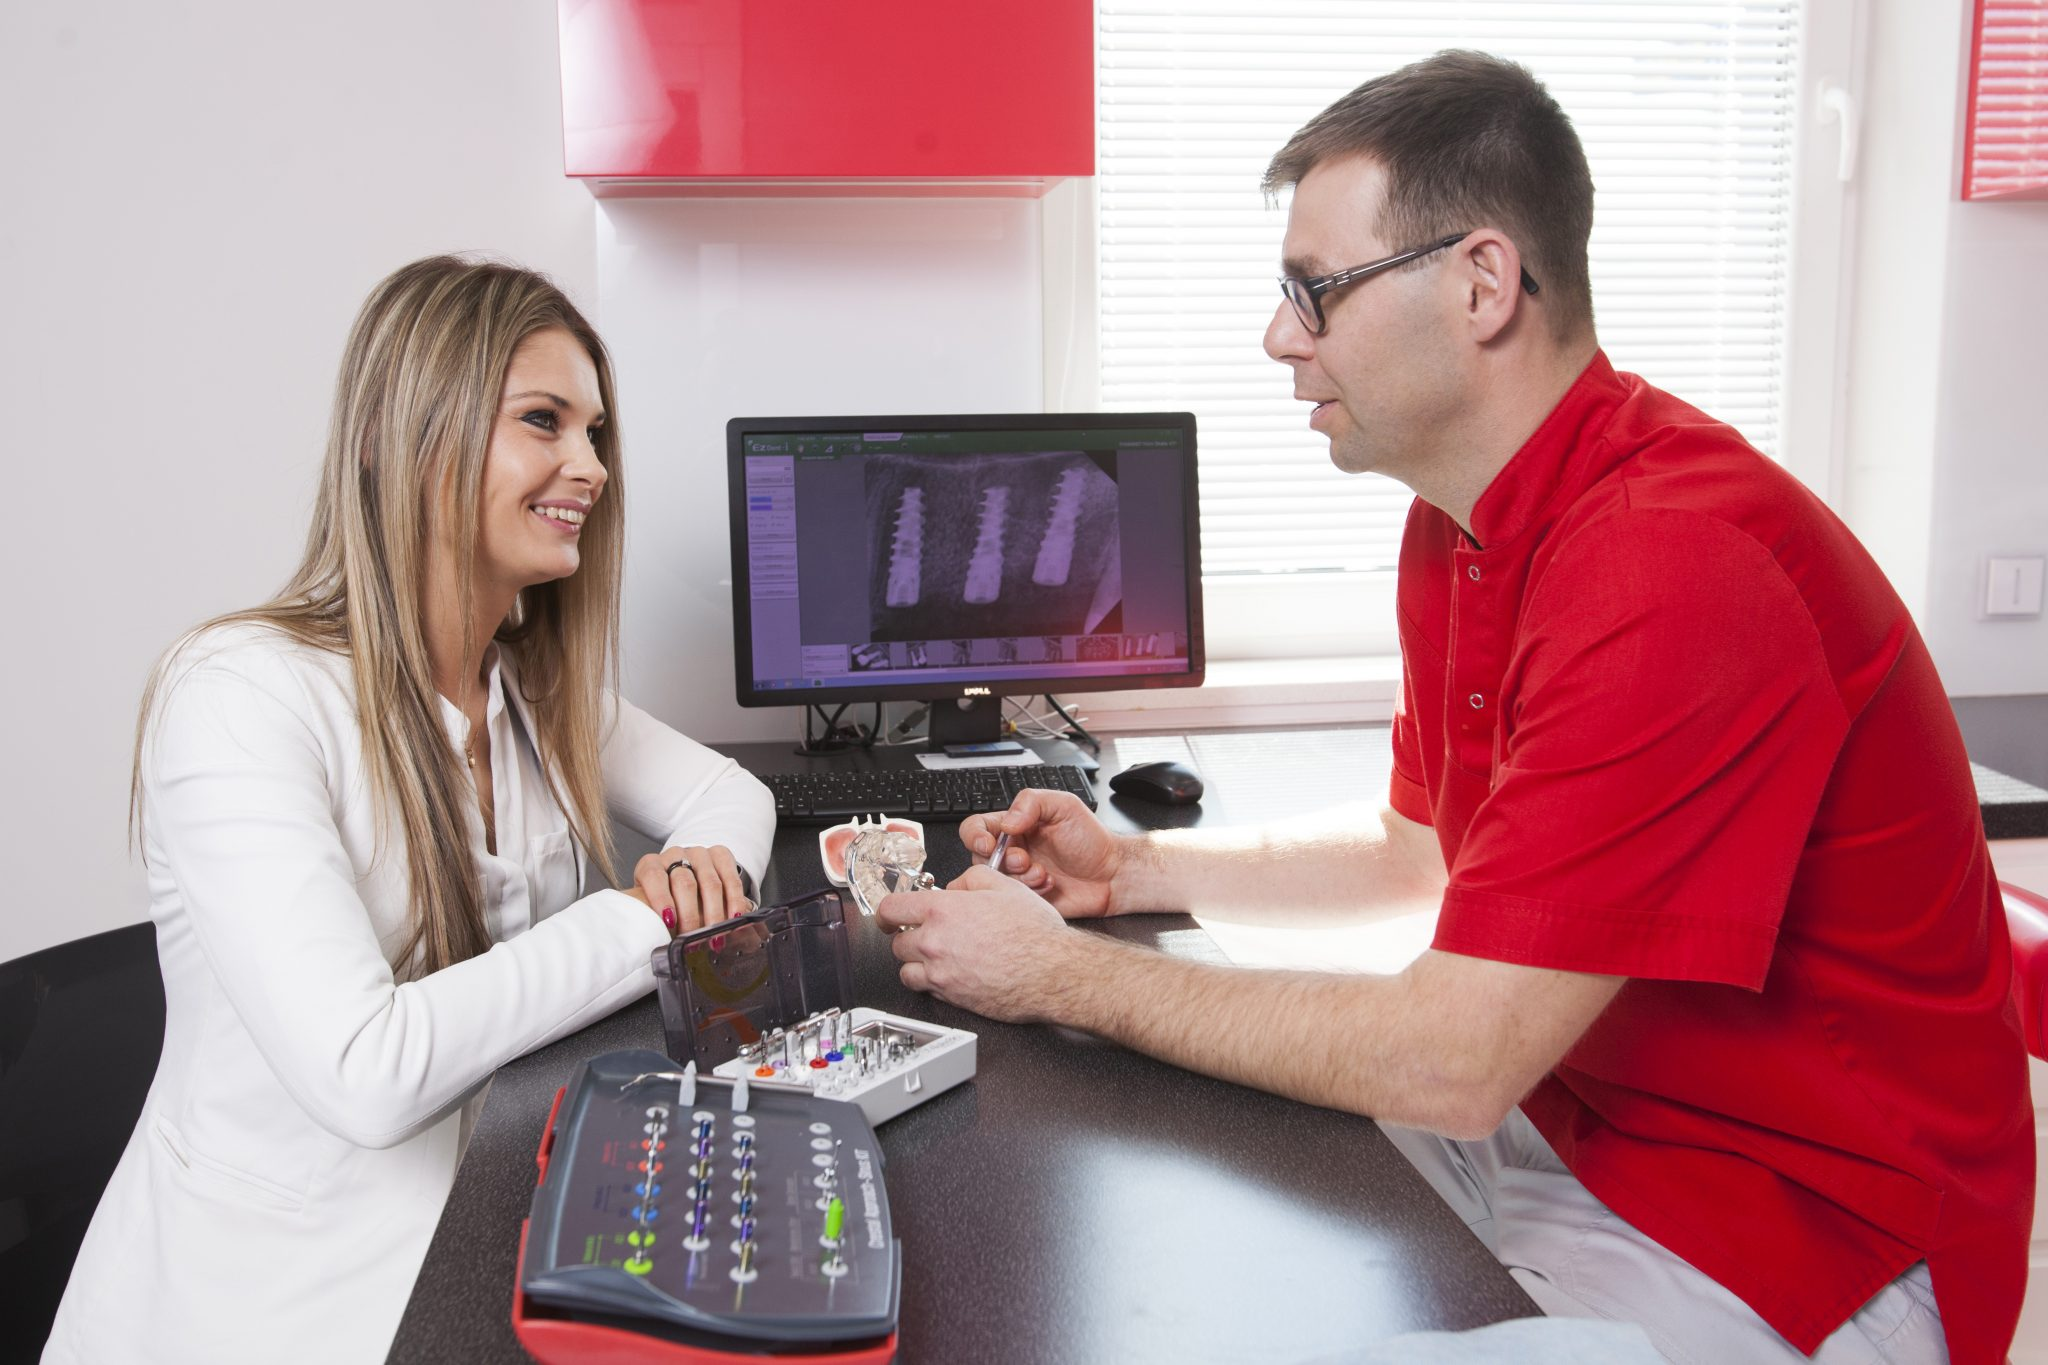 <h2>Trwałe i bezpieczne implanty</h2> <p>Wszystkich zabiegów dokonujemy z użyciem mikroskopów stomatologicznych, co gwarantuje precyzję, bezpieczeństwo i najwyższy standard usług.</p> <a href='http://premium-dent.com.pl/oferta/implanty-implantologia-rzeszow/ '>Więcej</a>